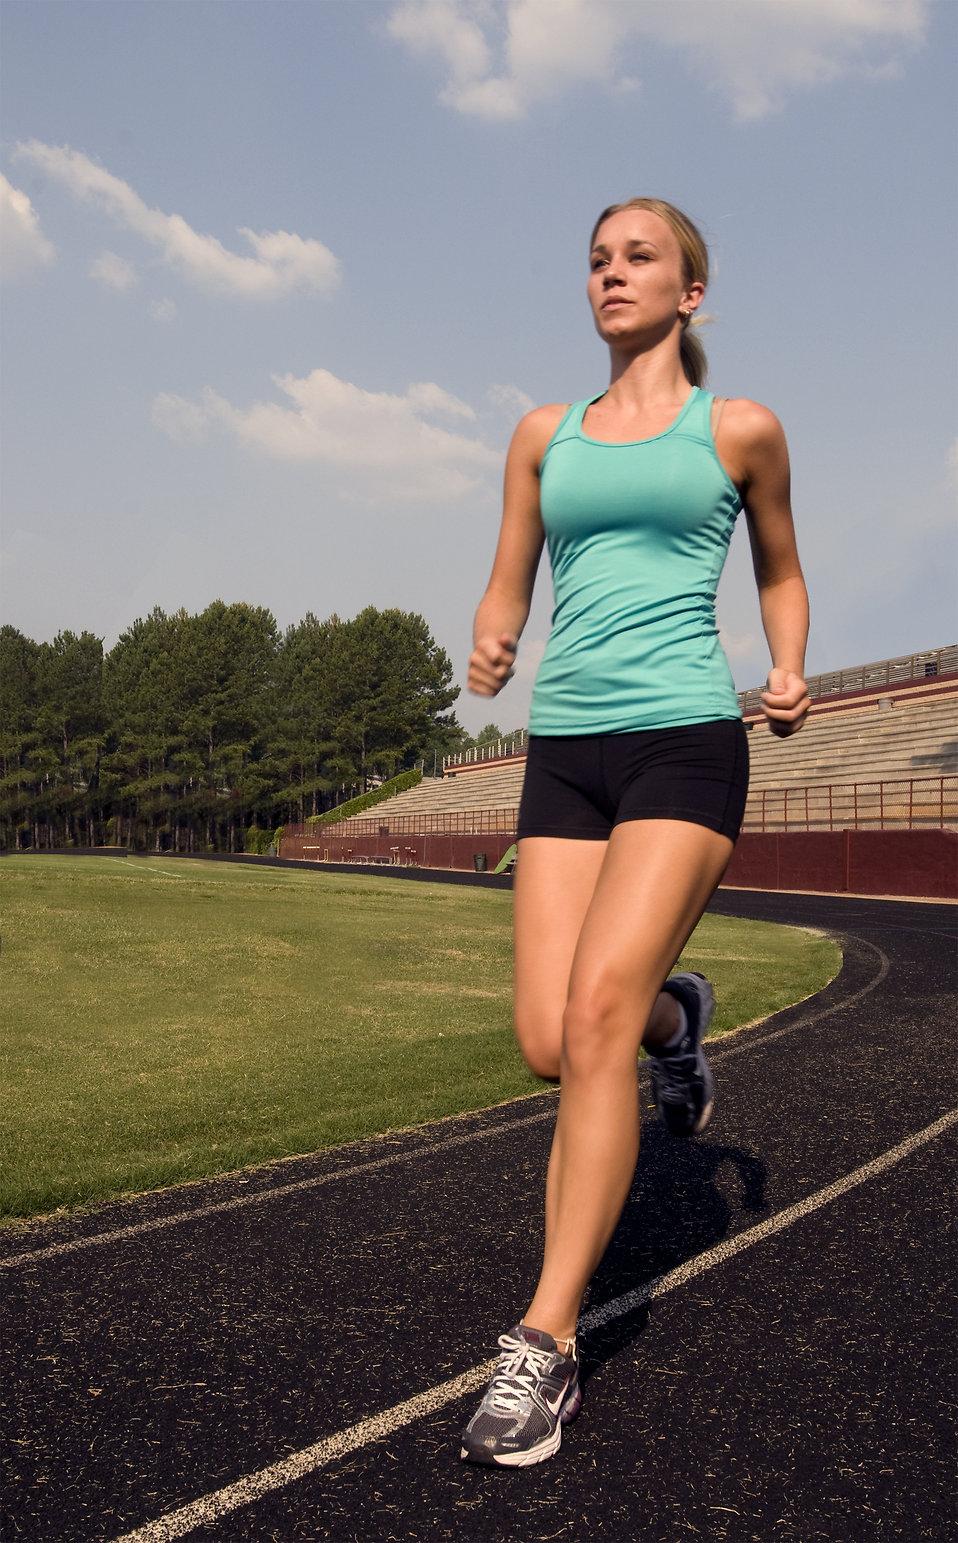 jogging 2.jpg